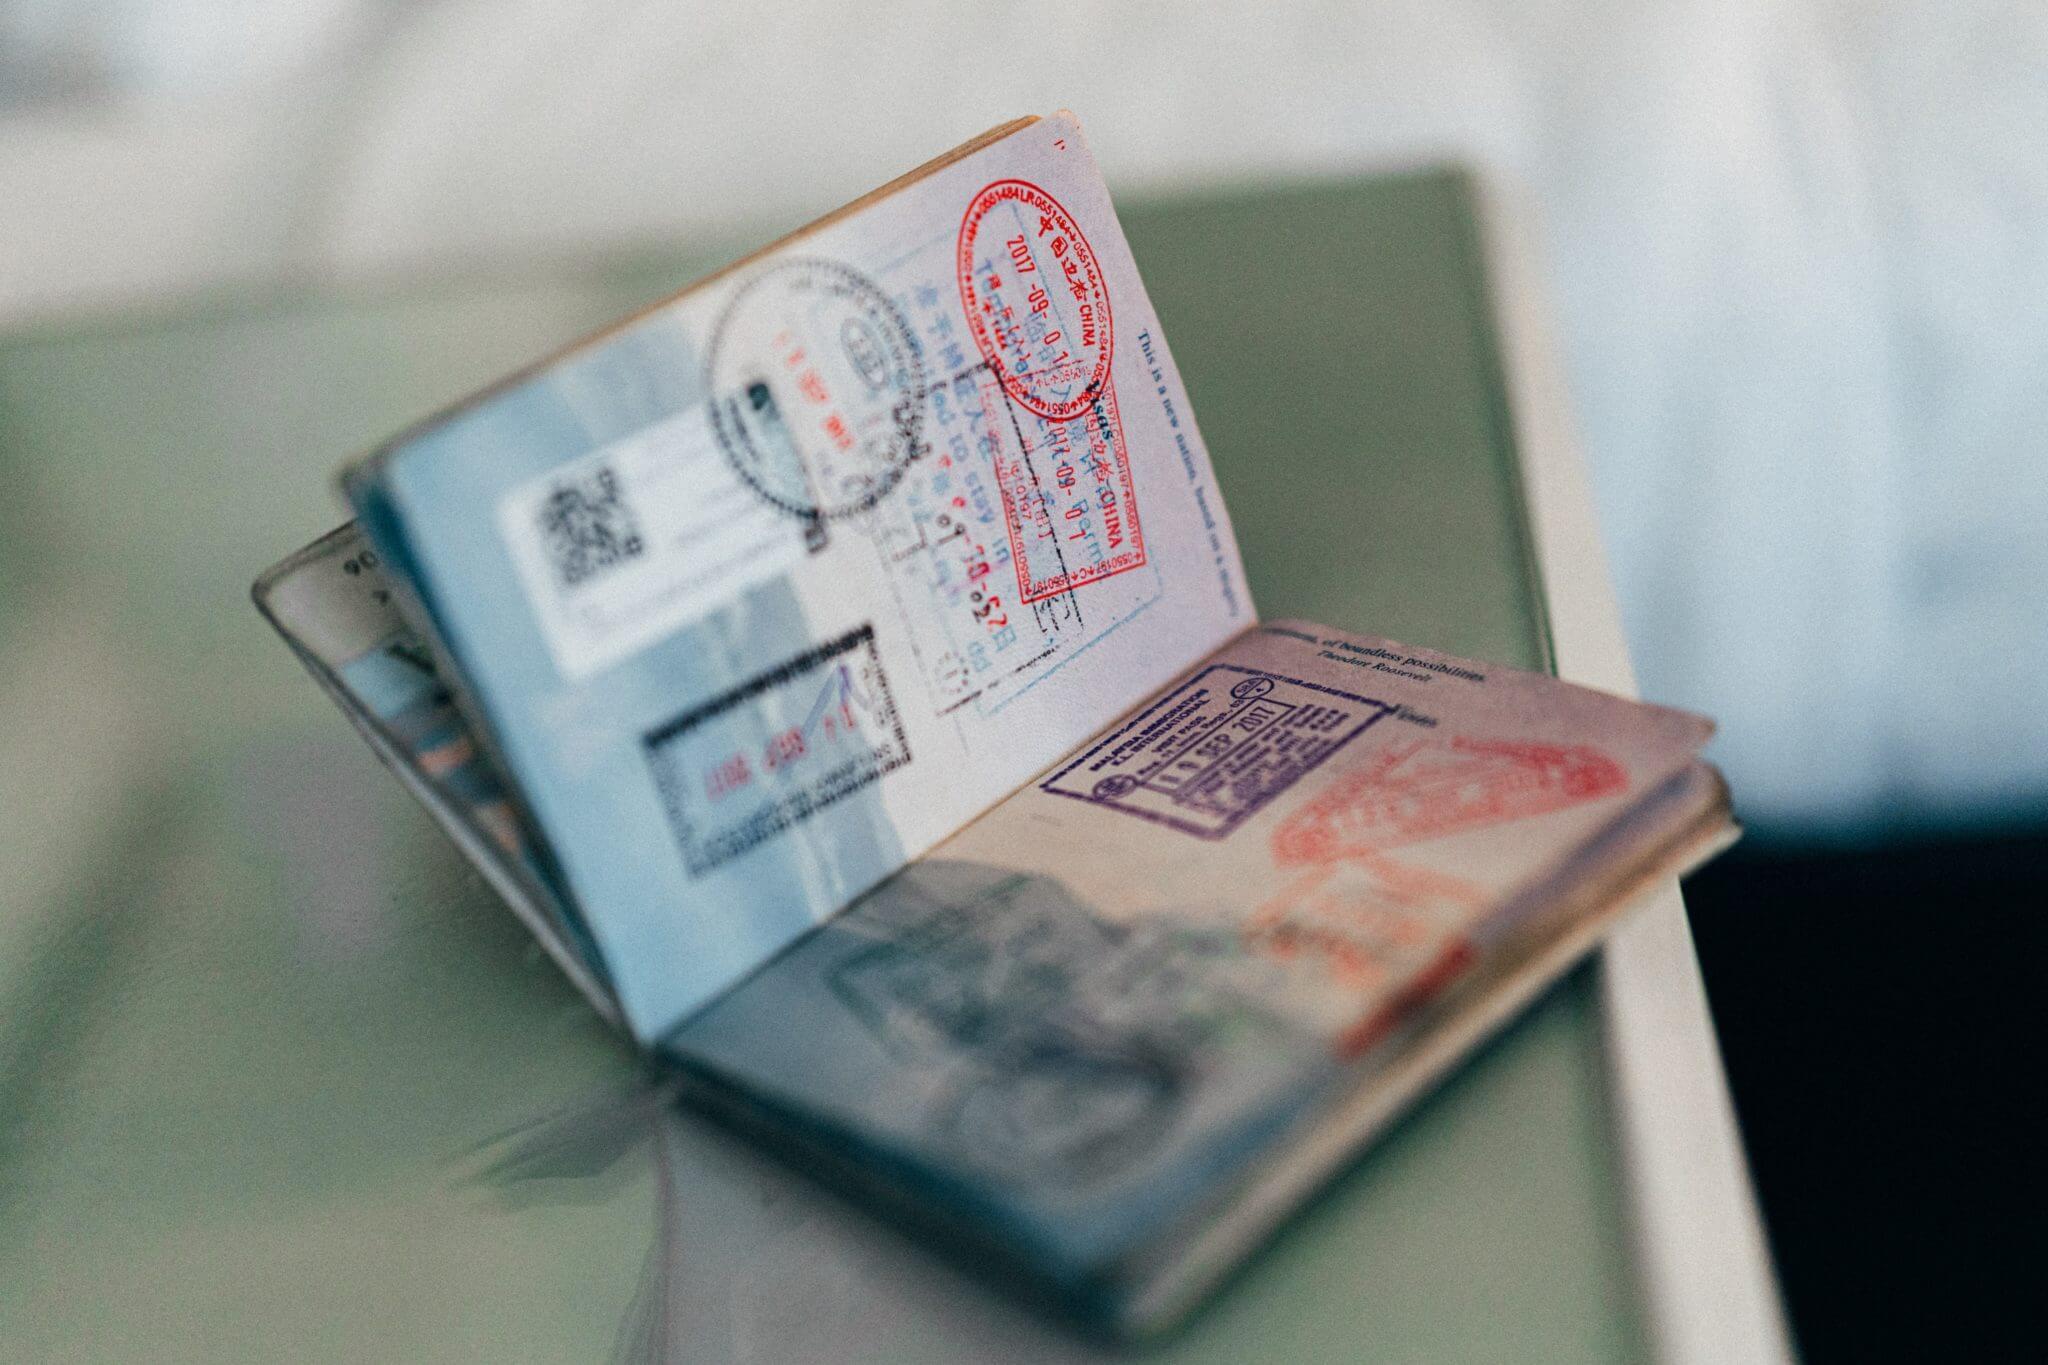 Passaporte - Photo by ConvertKit on Unsplash